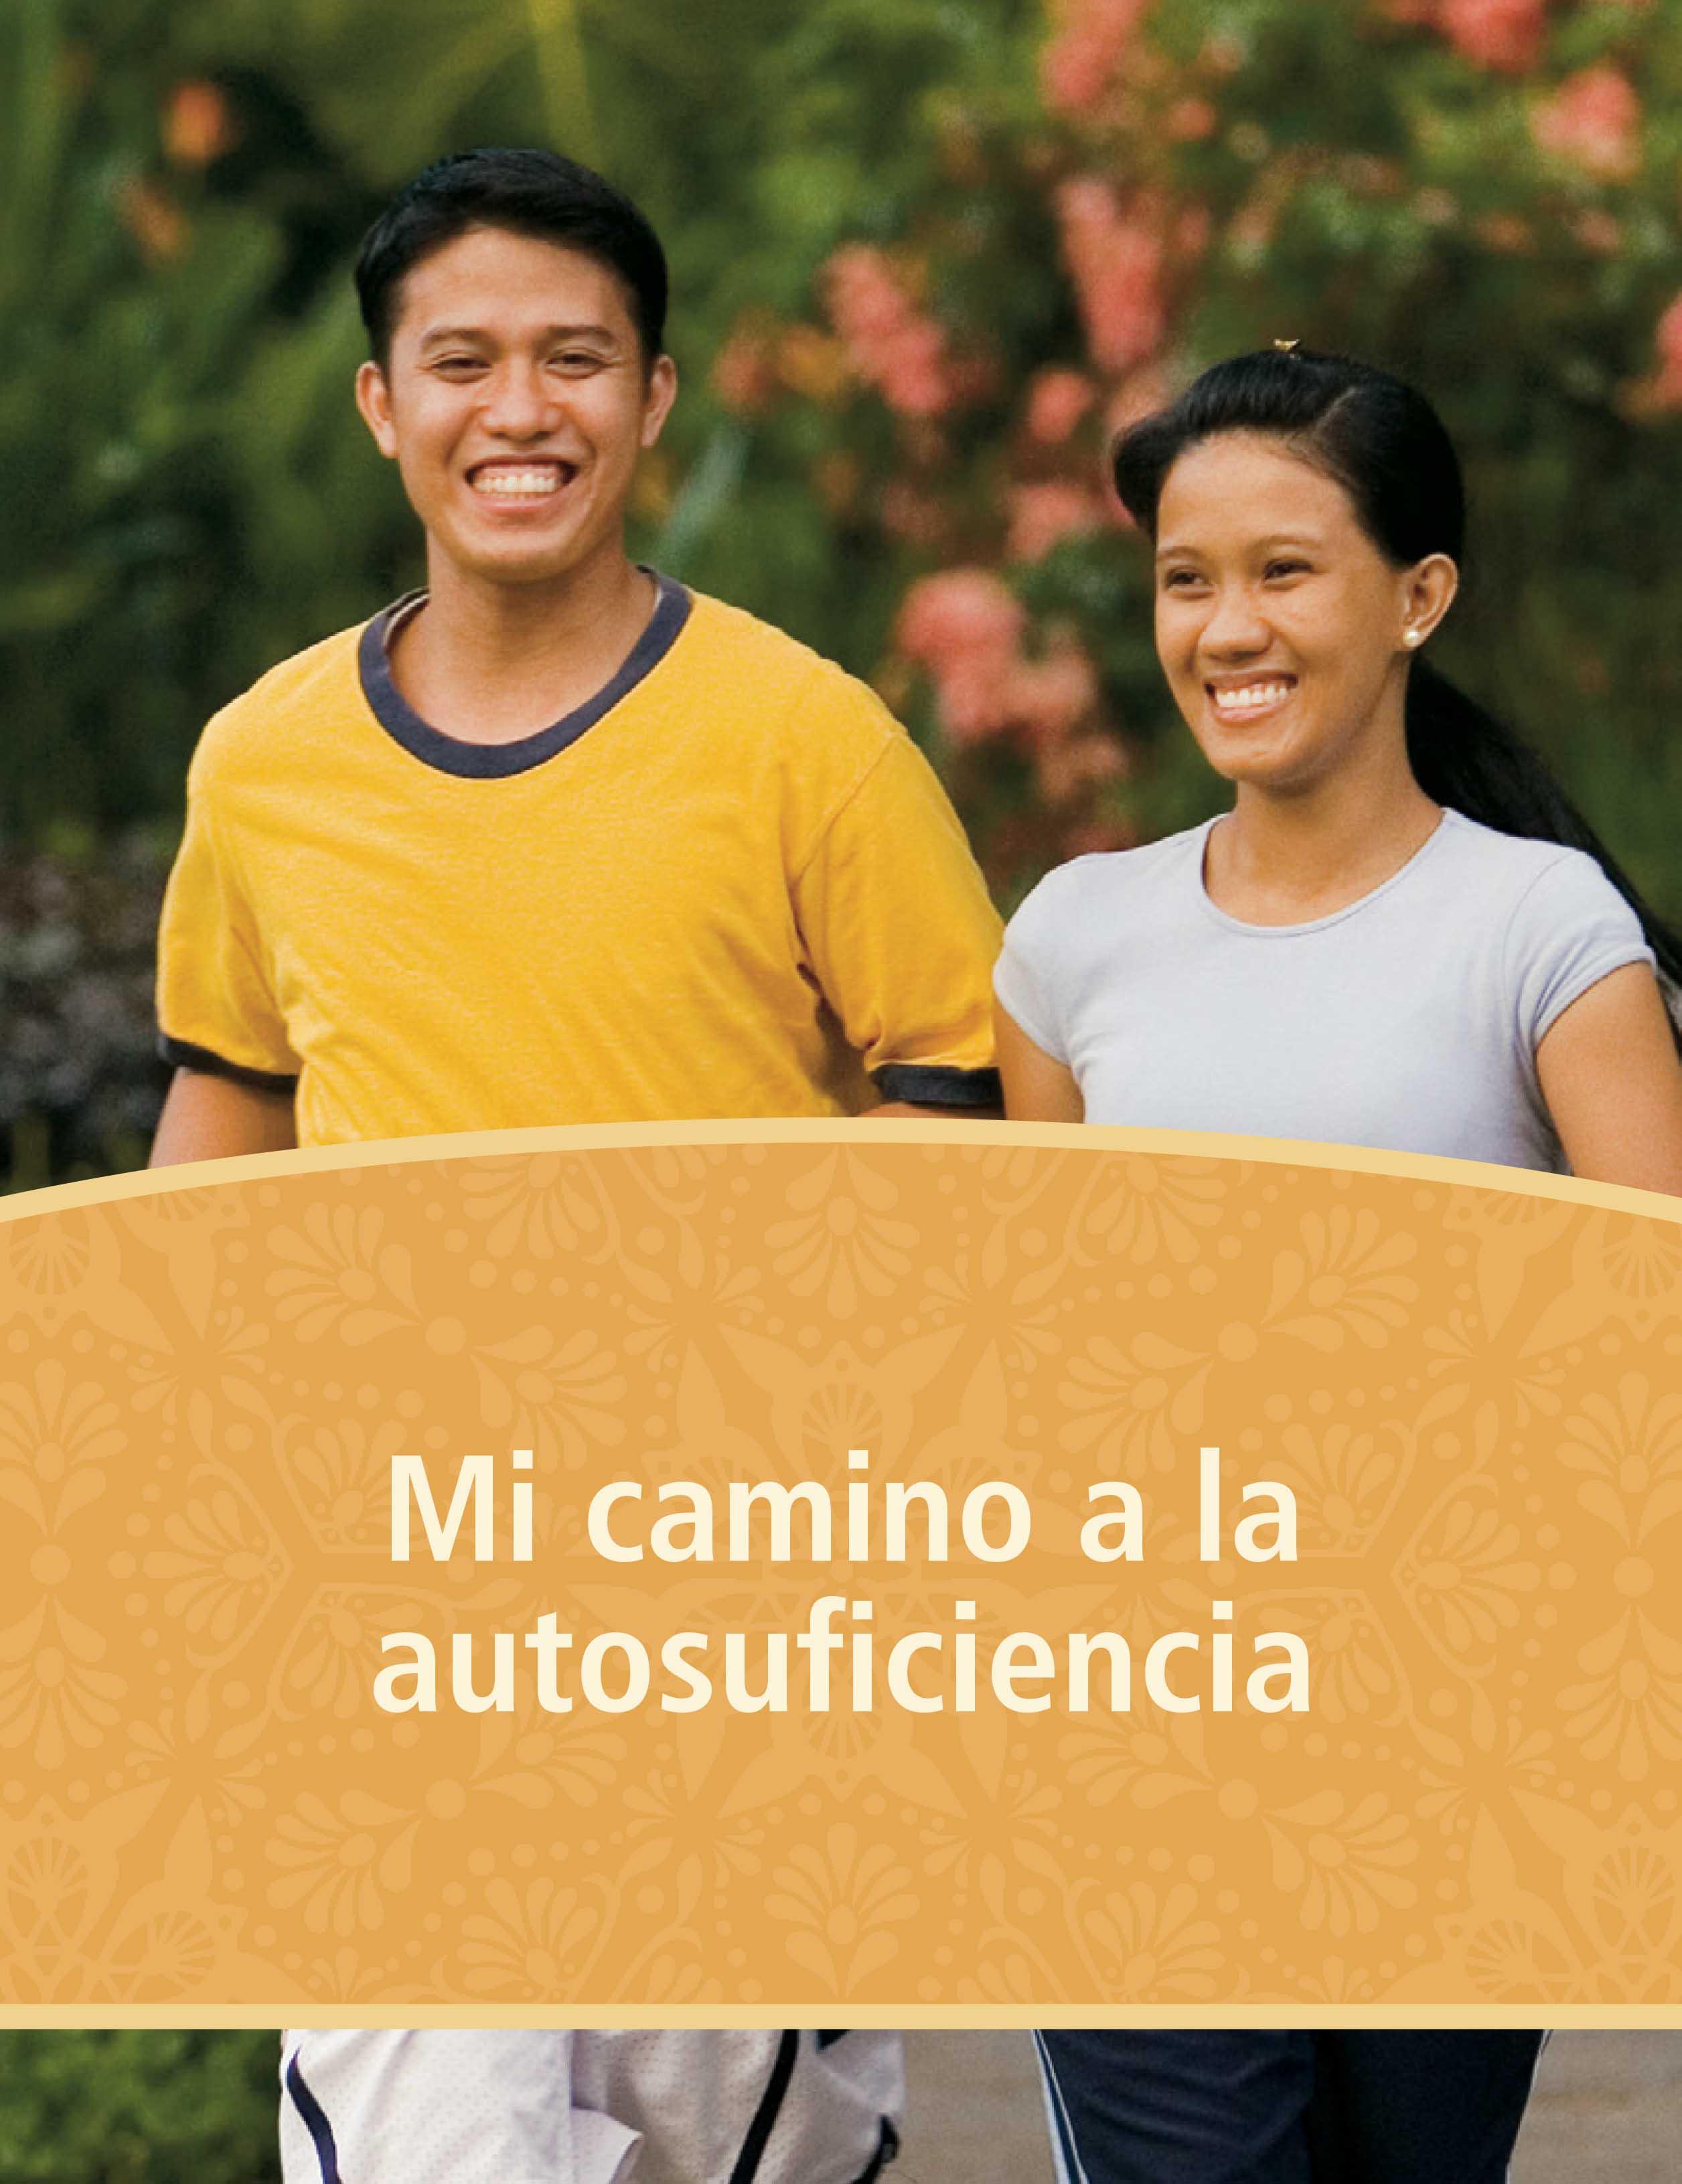 manuales de autosuficiencia sud pdf